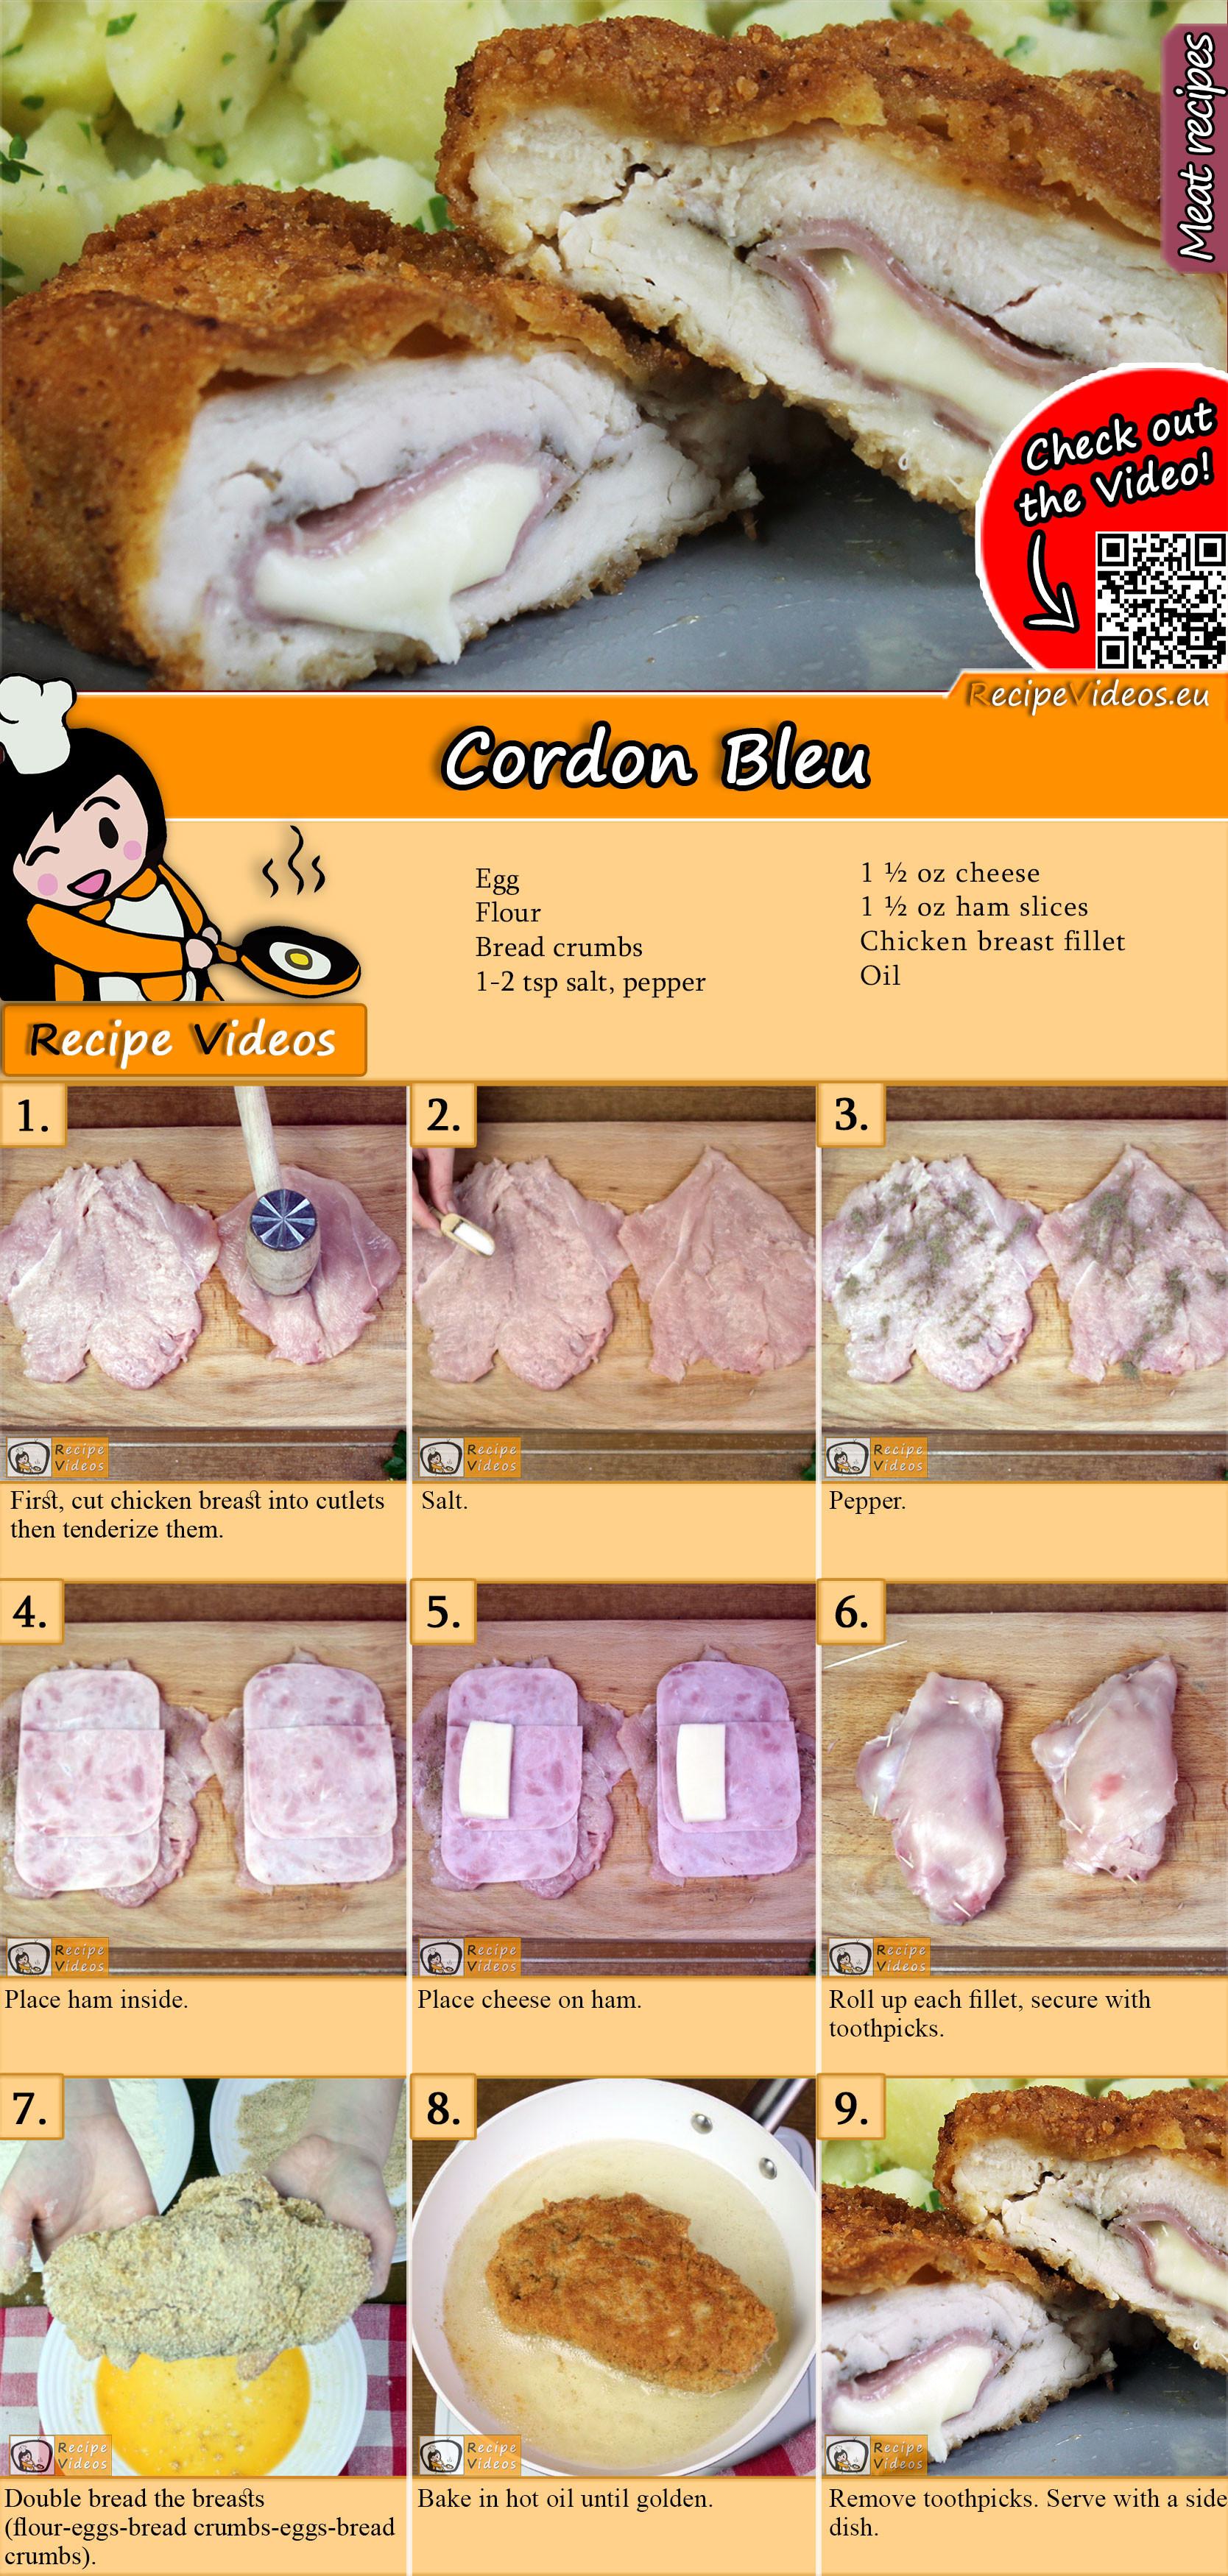 Cordon Bleu recipe with video